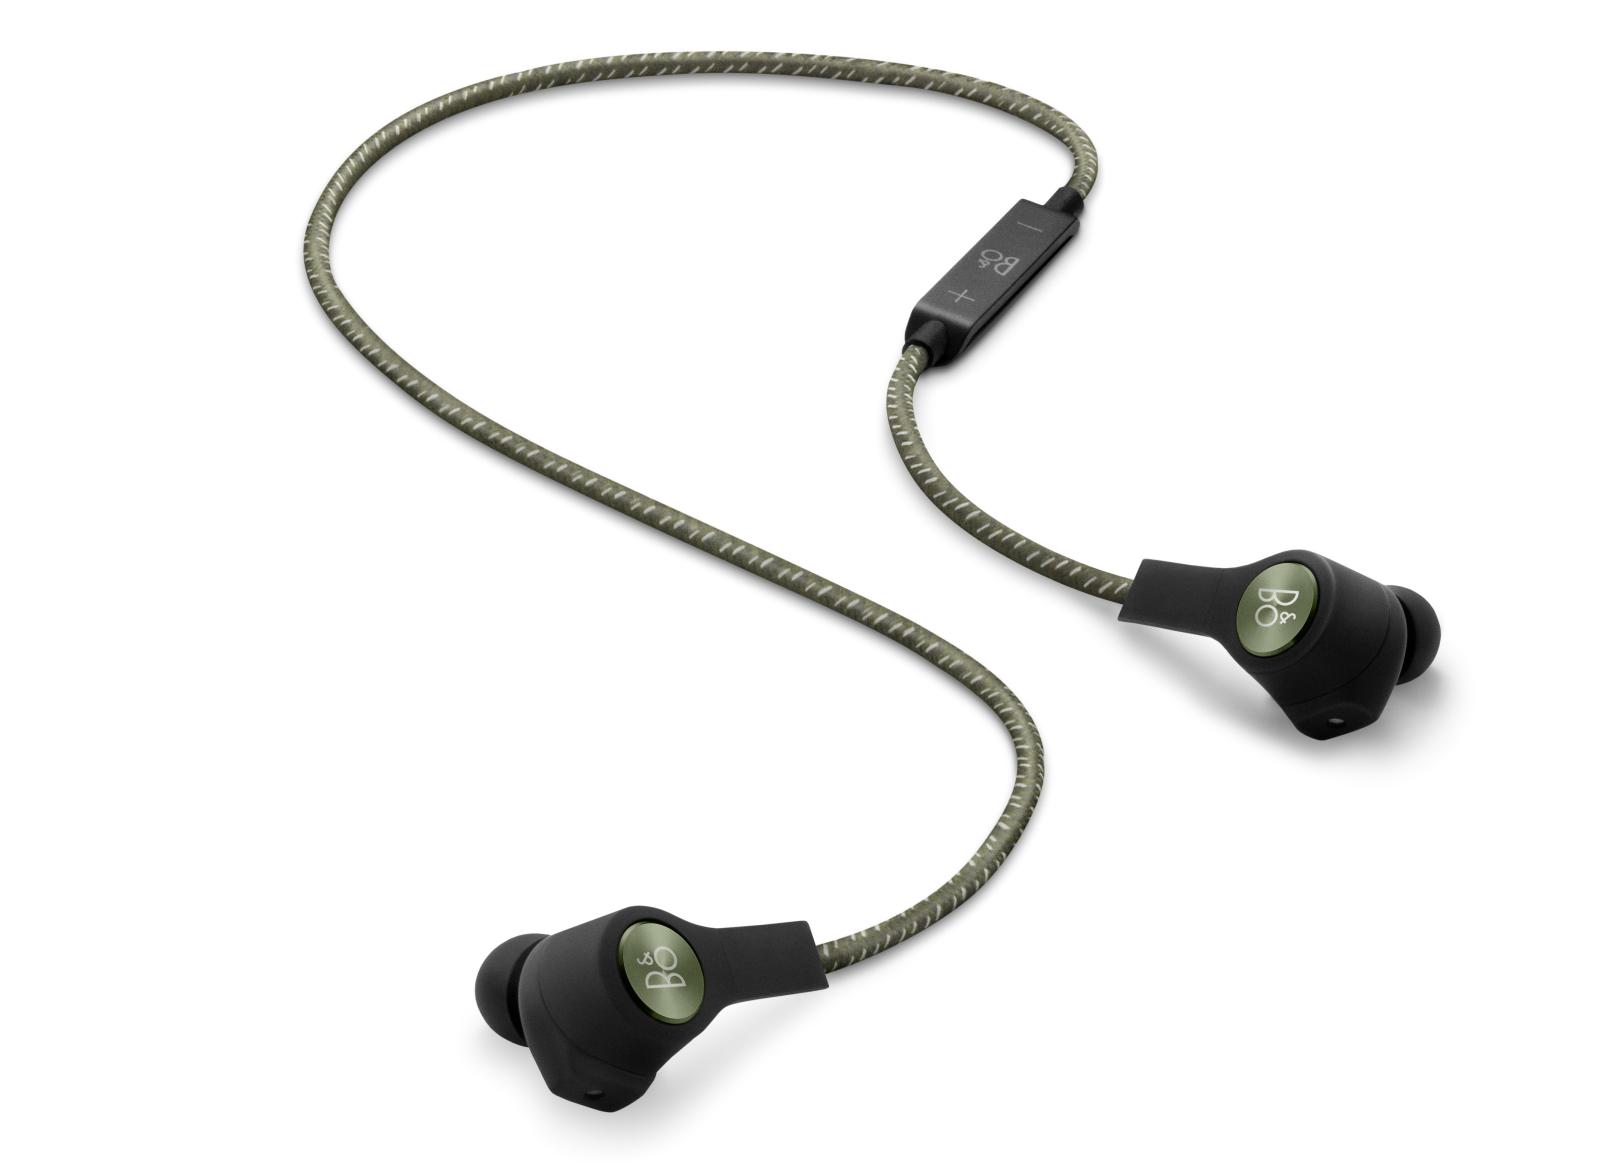 H5 er den første trådløse in-ear-model fra B&O Play. Den eneste ledning, er den, der forbinder de to ørepropper og samtidig rummer fjernbetjeningen. Foto: B&O Play